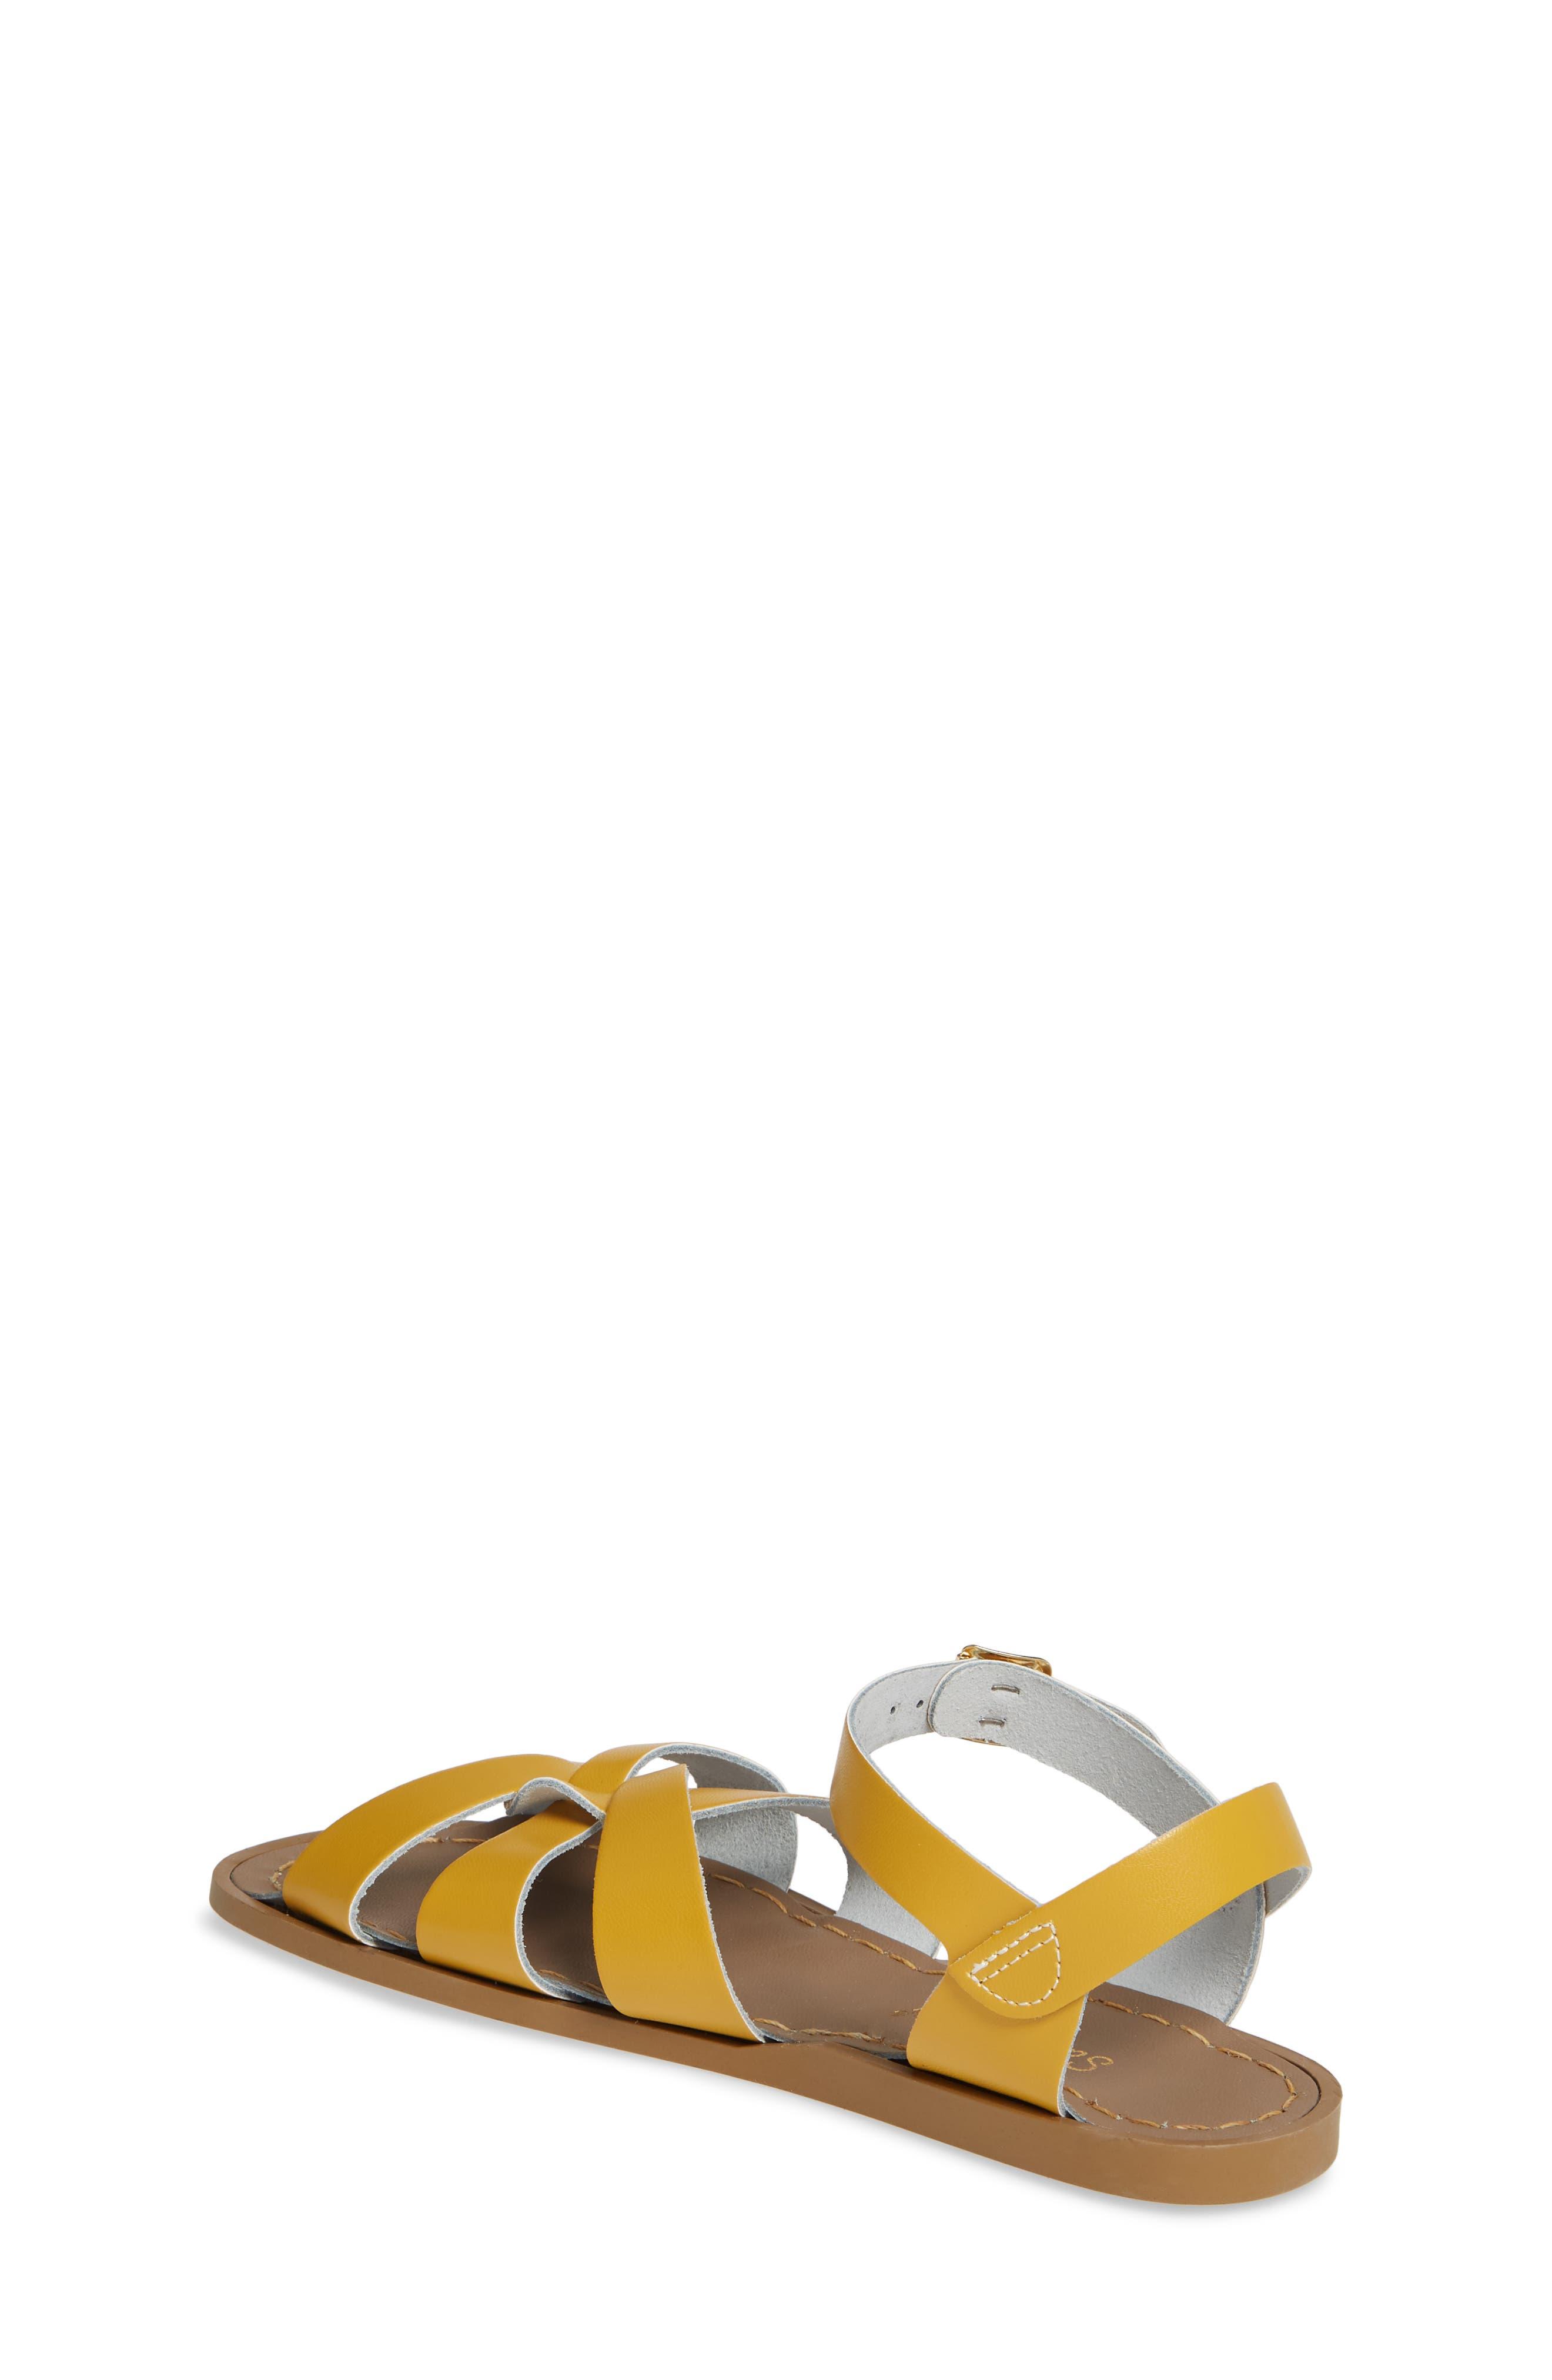 18056bb13d9e Salt Water Sandals by Hoy